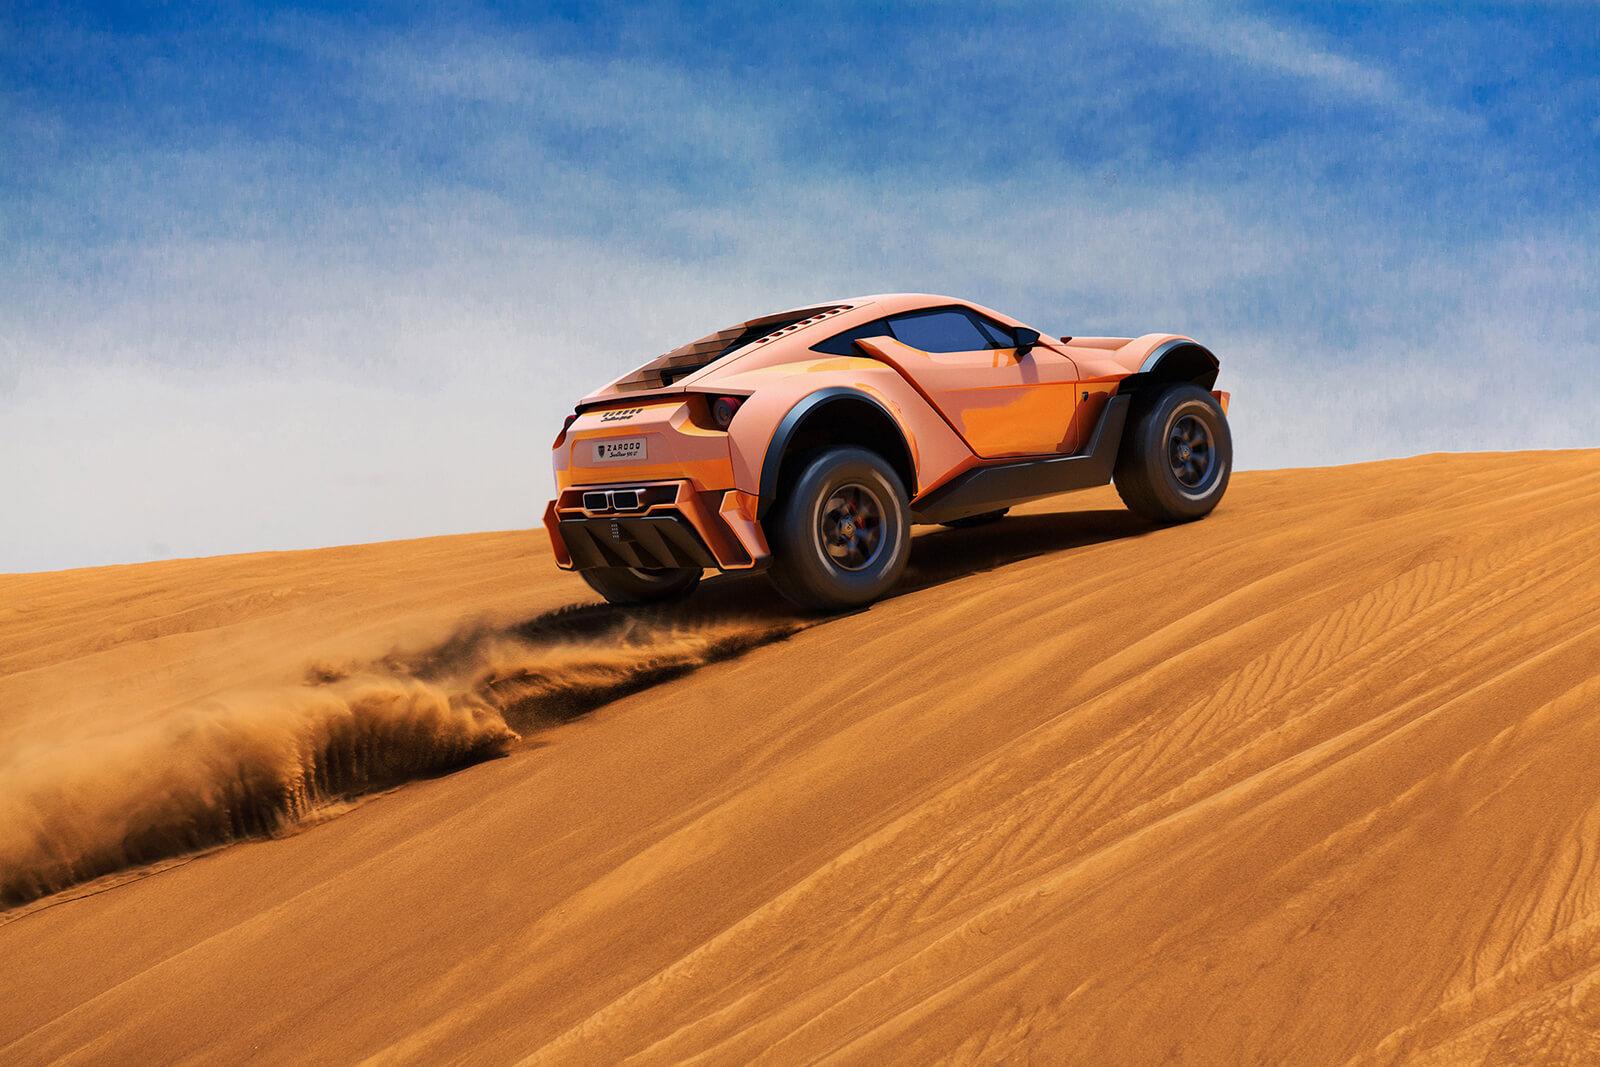 Zarooq Sand Racer 500